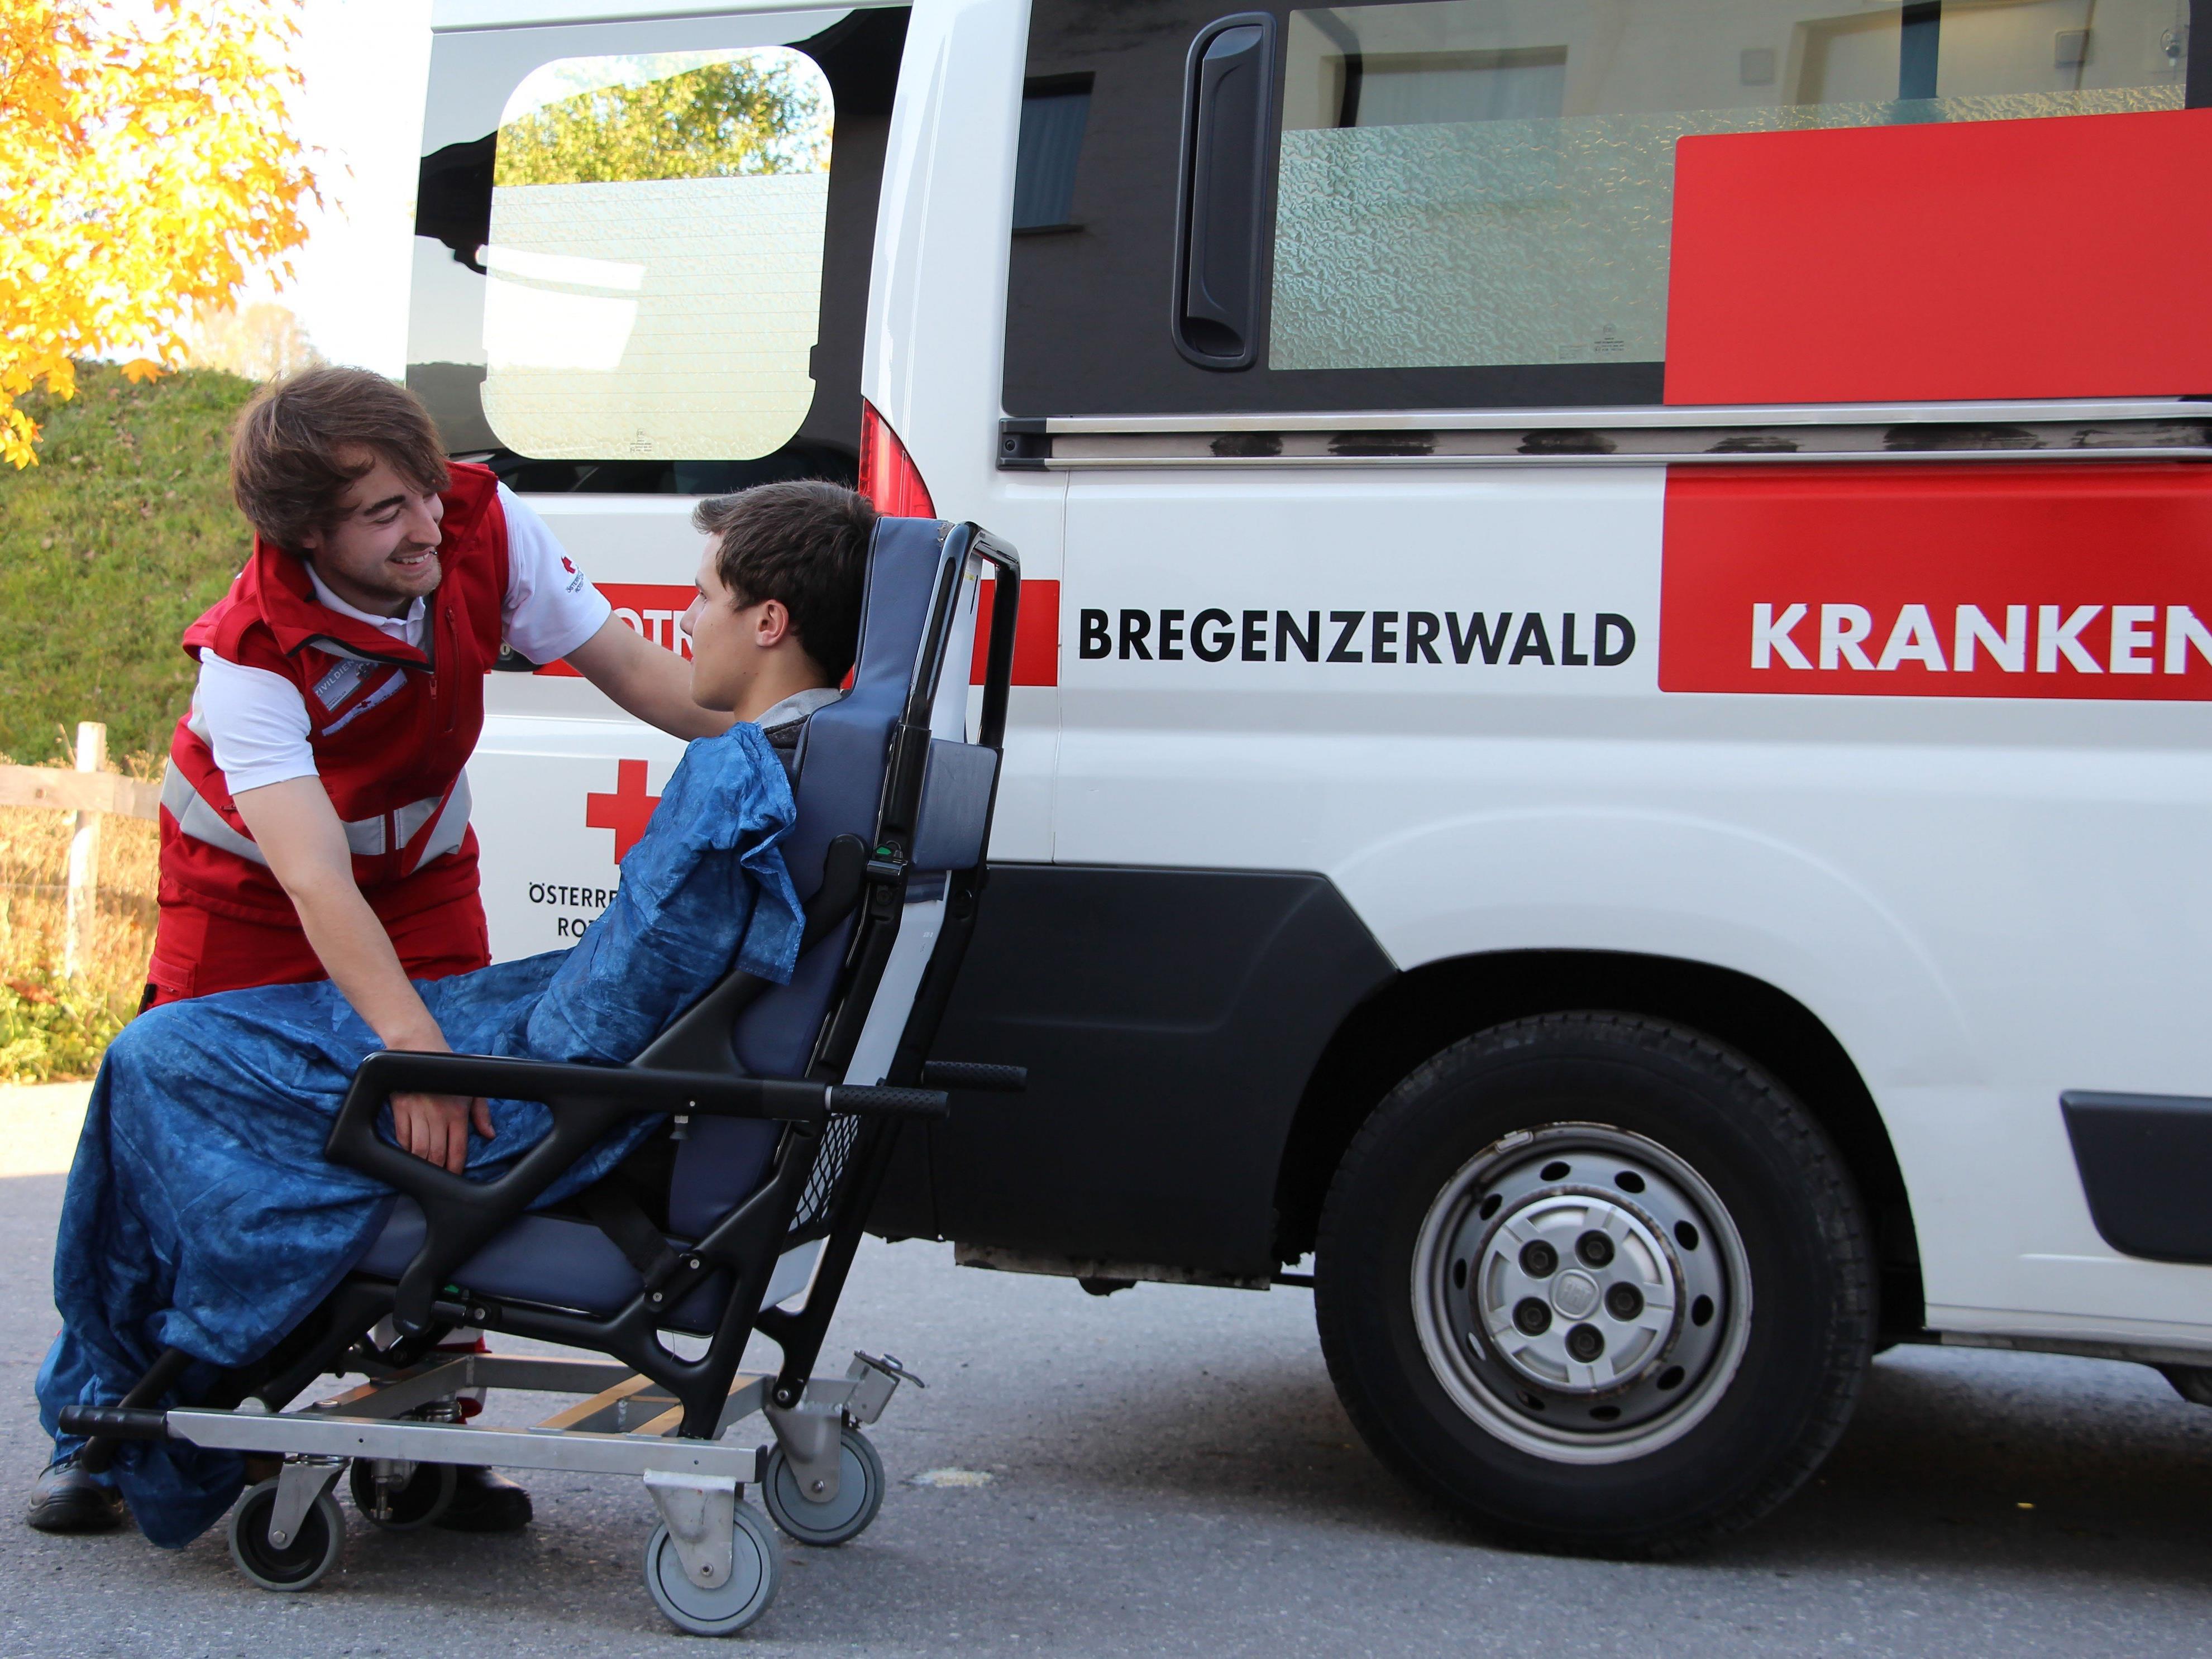 Dominic Schwärzler hat seinen Zivildienst bei der Rotkreuz-Abteilung Egg bereits abgeleistet und ist seitdem ehrenamtlicher Rettungssanitäter beim Roten Kreuz. Das Foto zeigt ihn während seiner Zeit als Zivildiener.